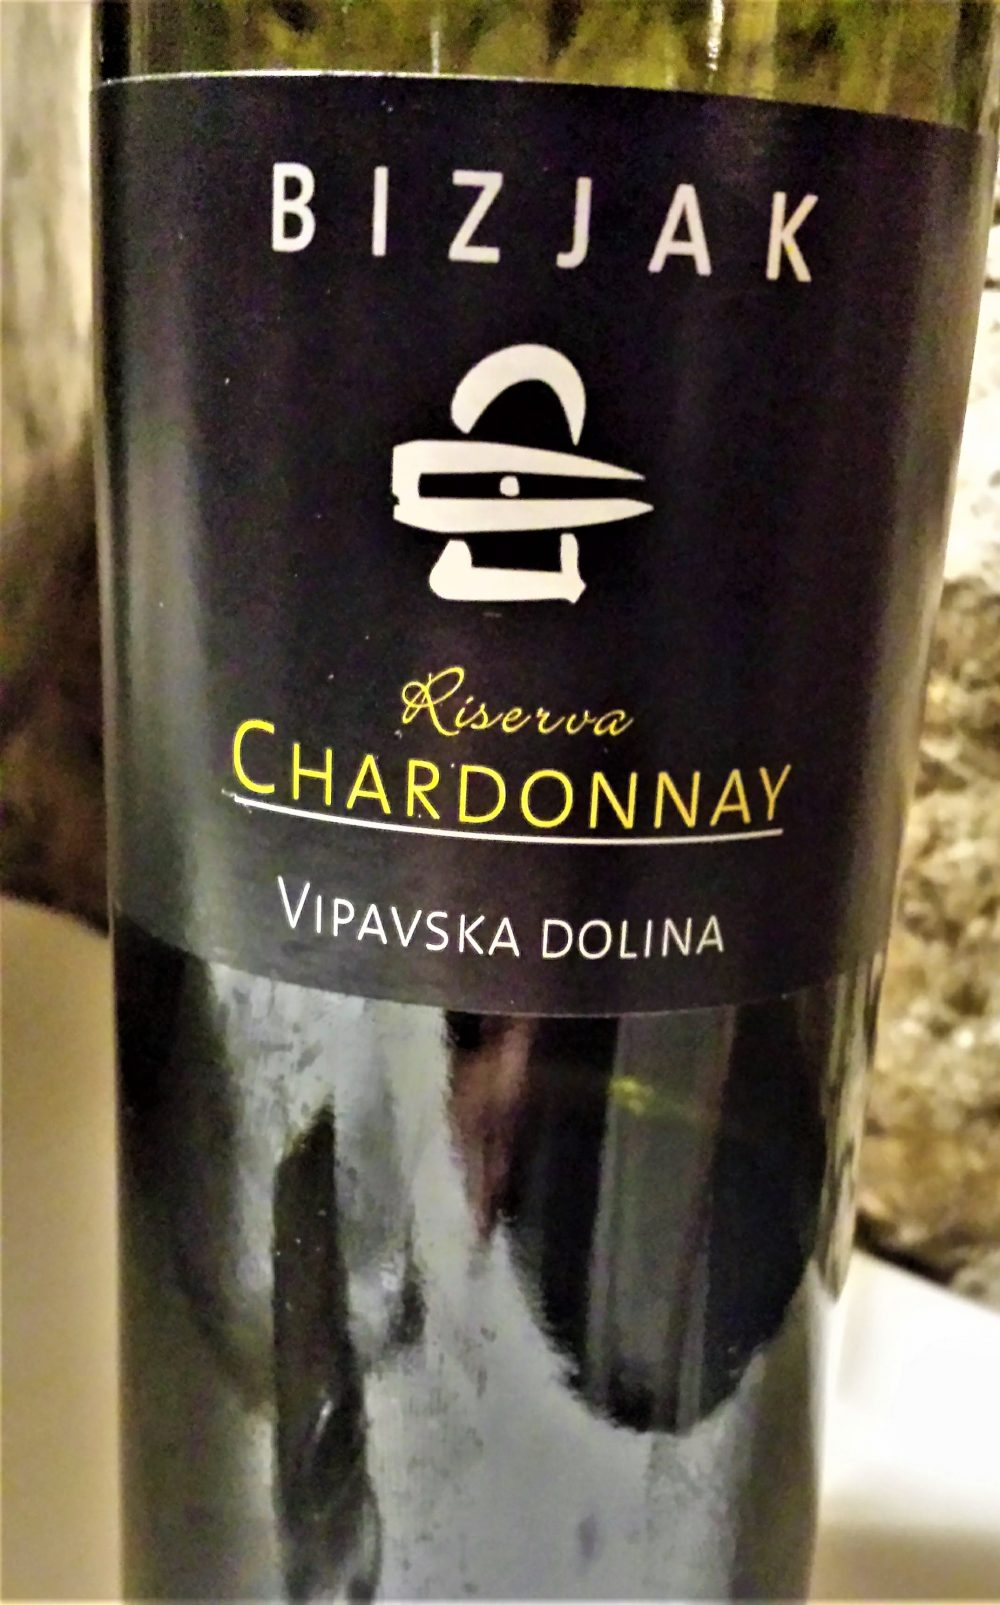 Vipavska Dolina Chardonnay Riserva 2013, Bizjak